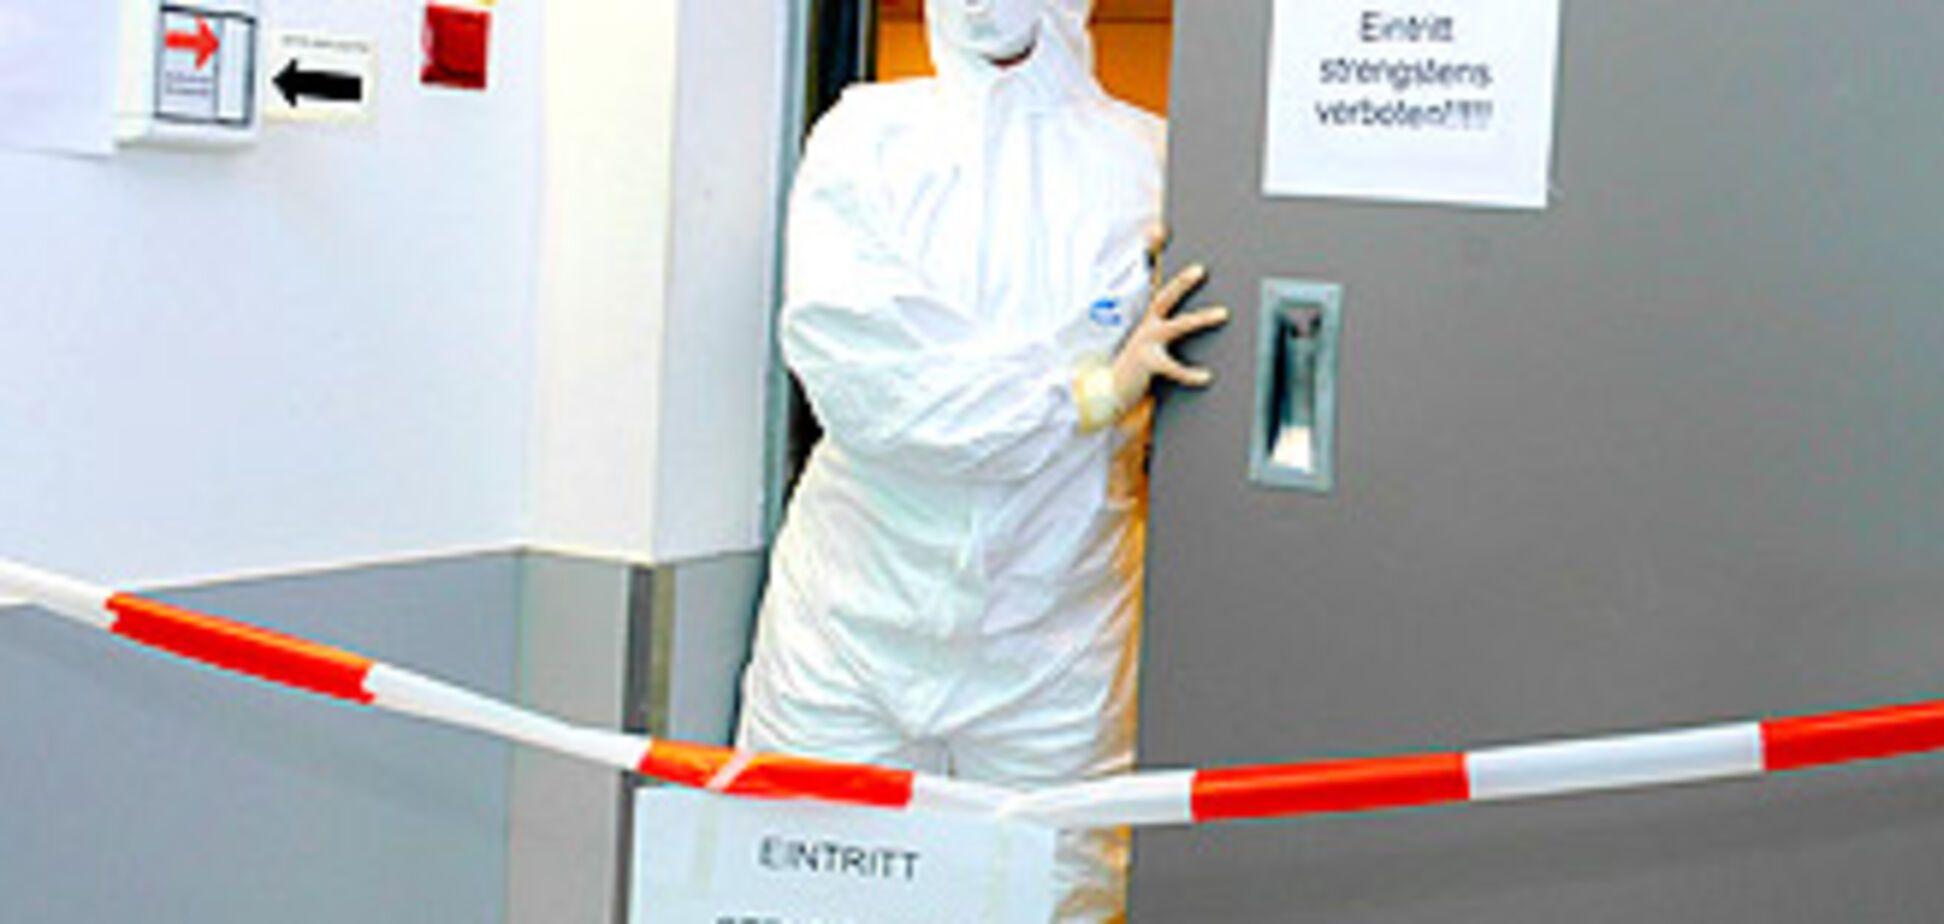 Свинячий грип вже не втримати в національних кордонах